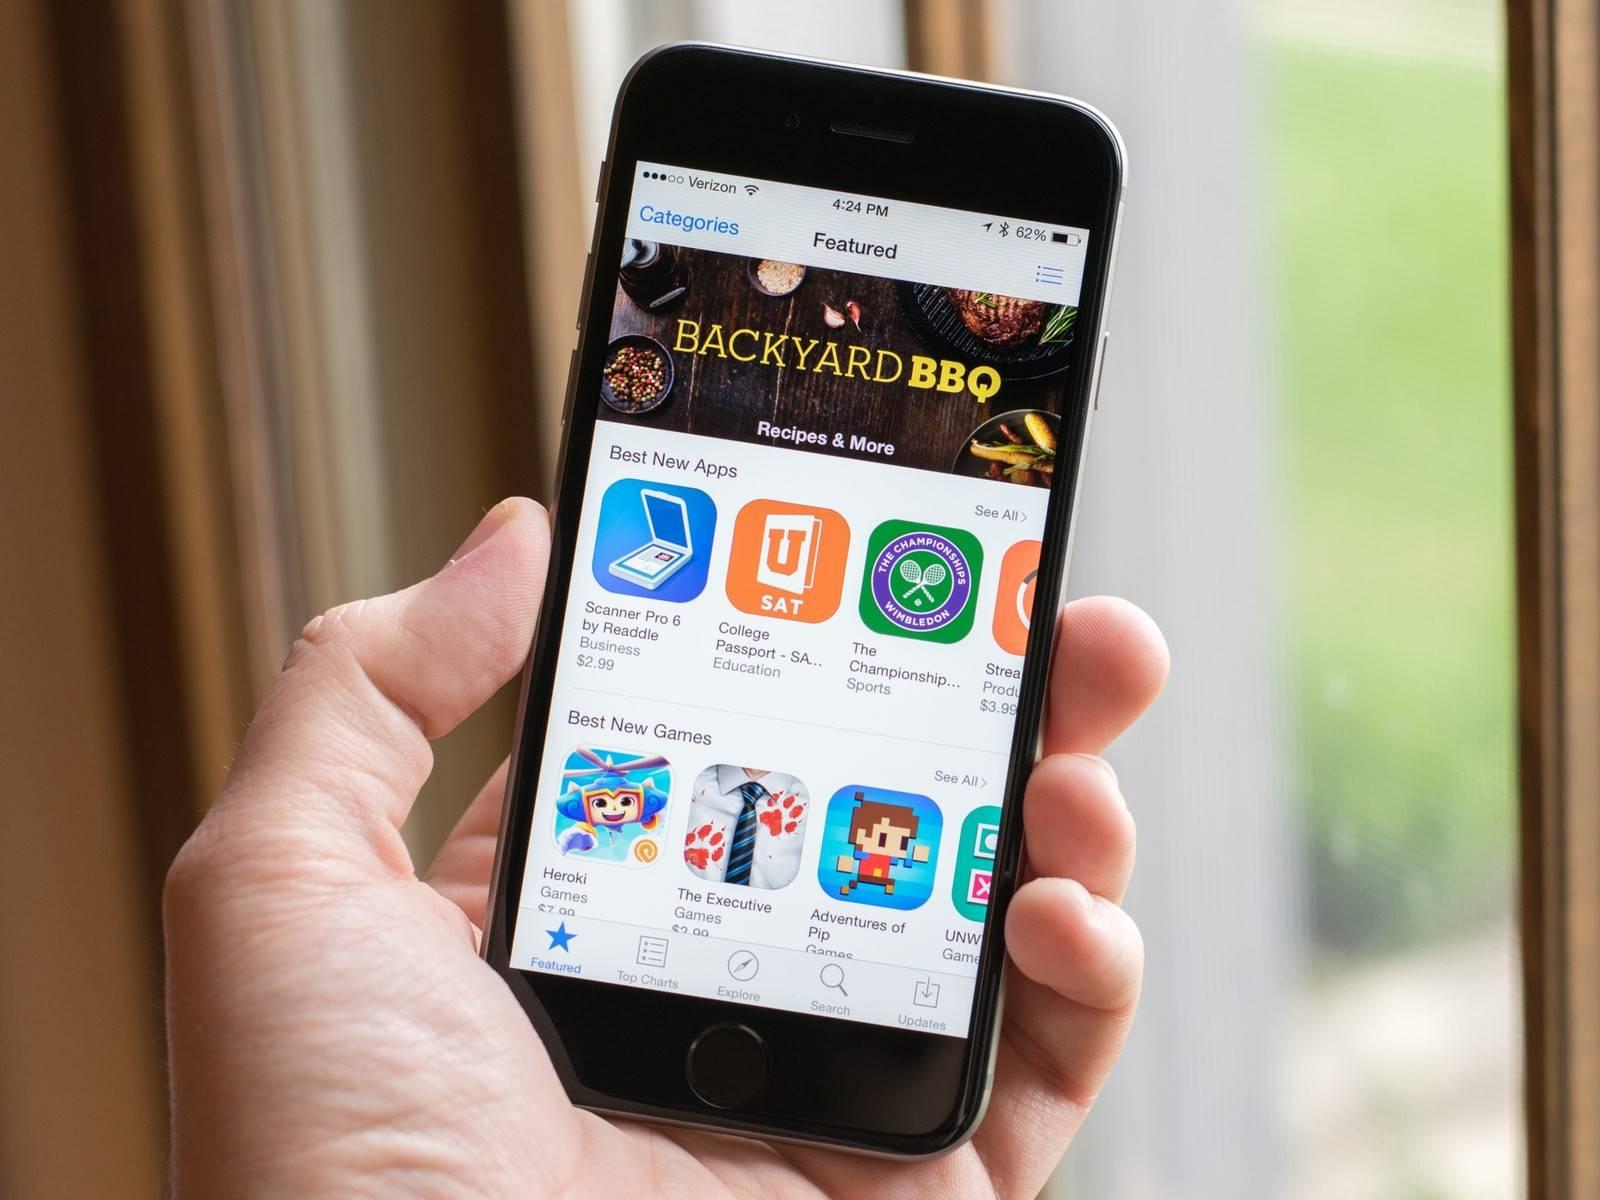 беззащитные девчонки новое приложение для айфона фото самодельный